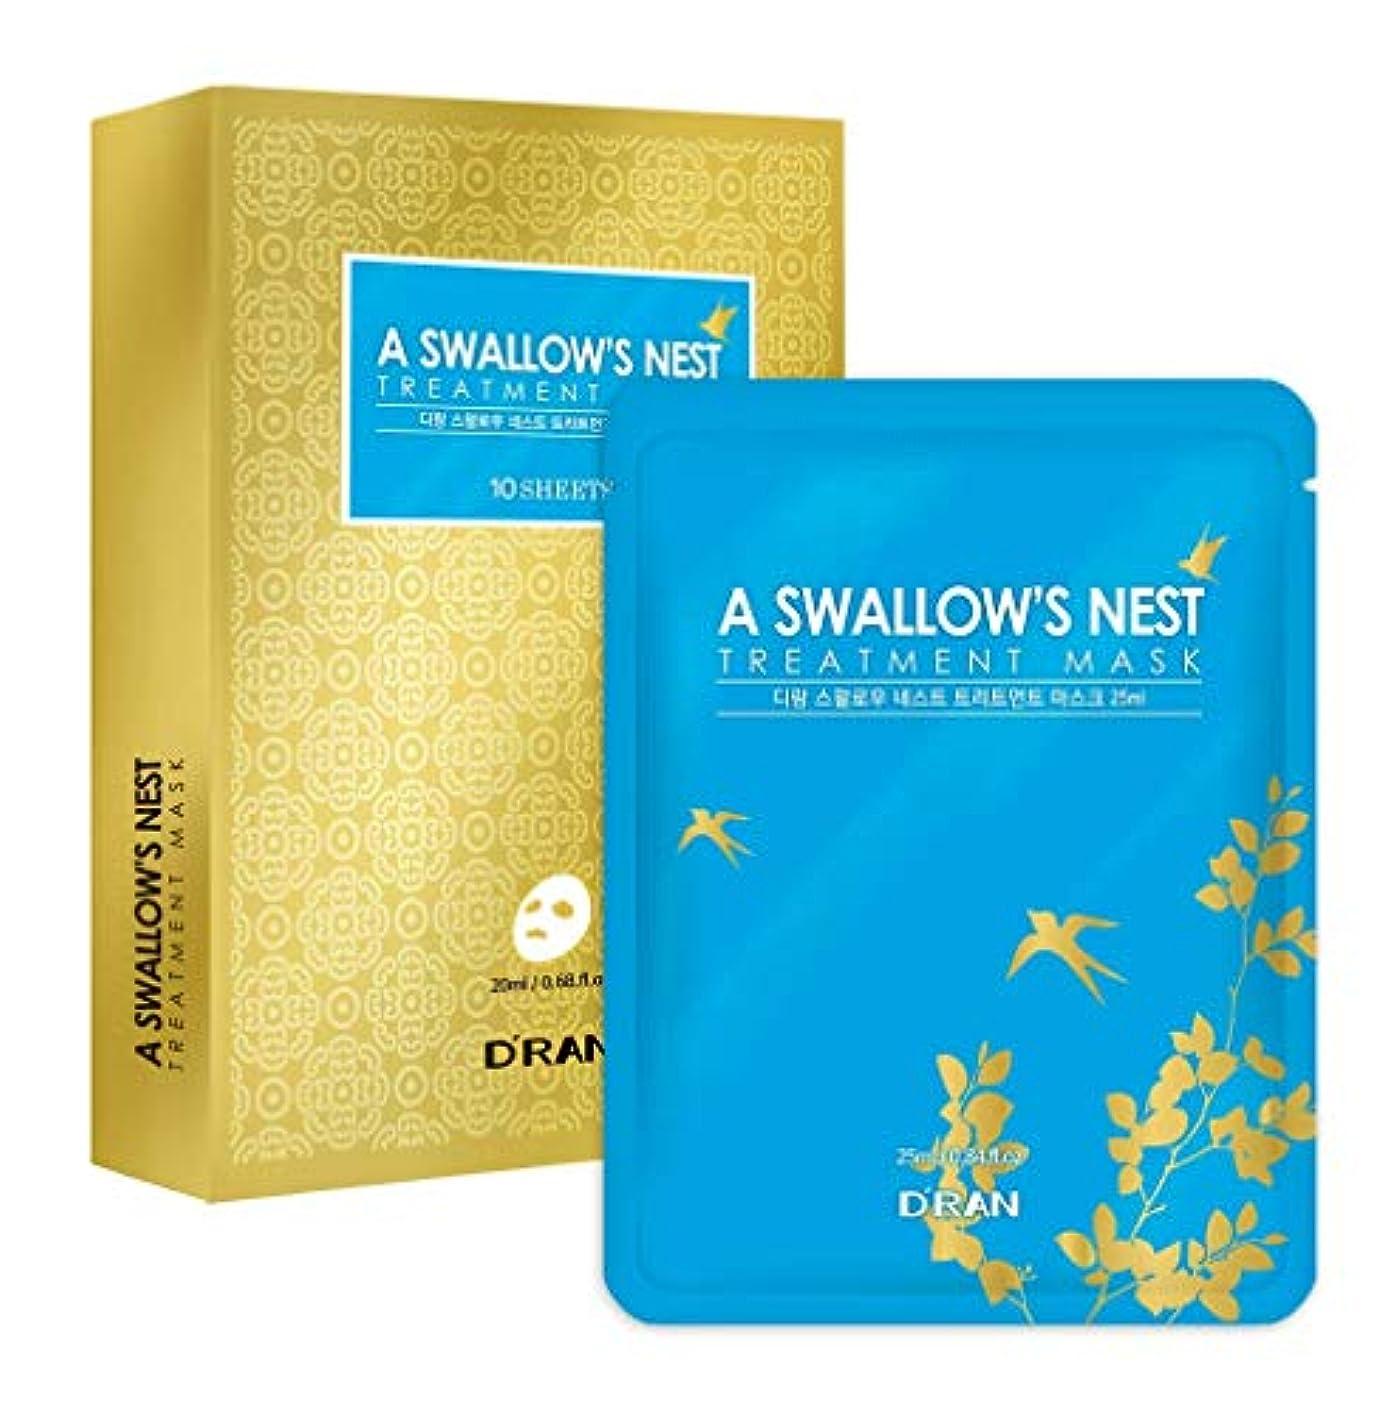 添加十分に南東New A Swallow's Nest Treatment Mask (1set_10pcs)